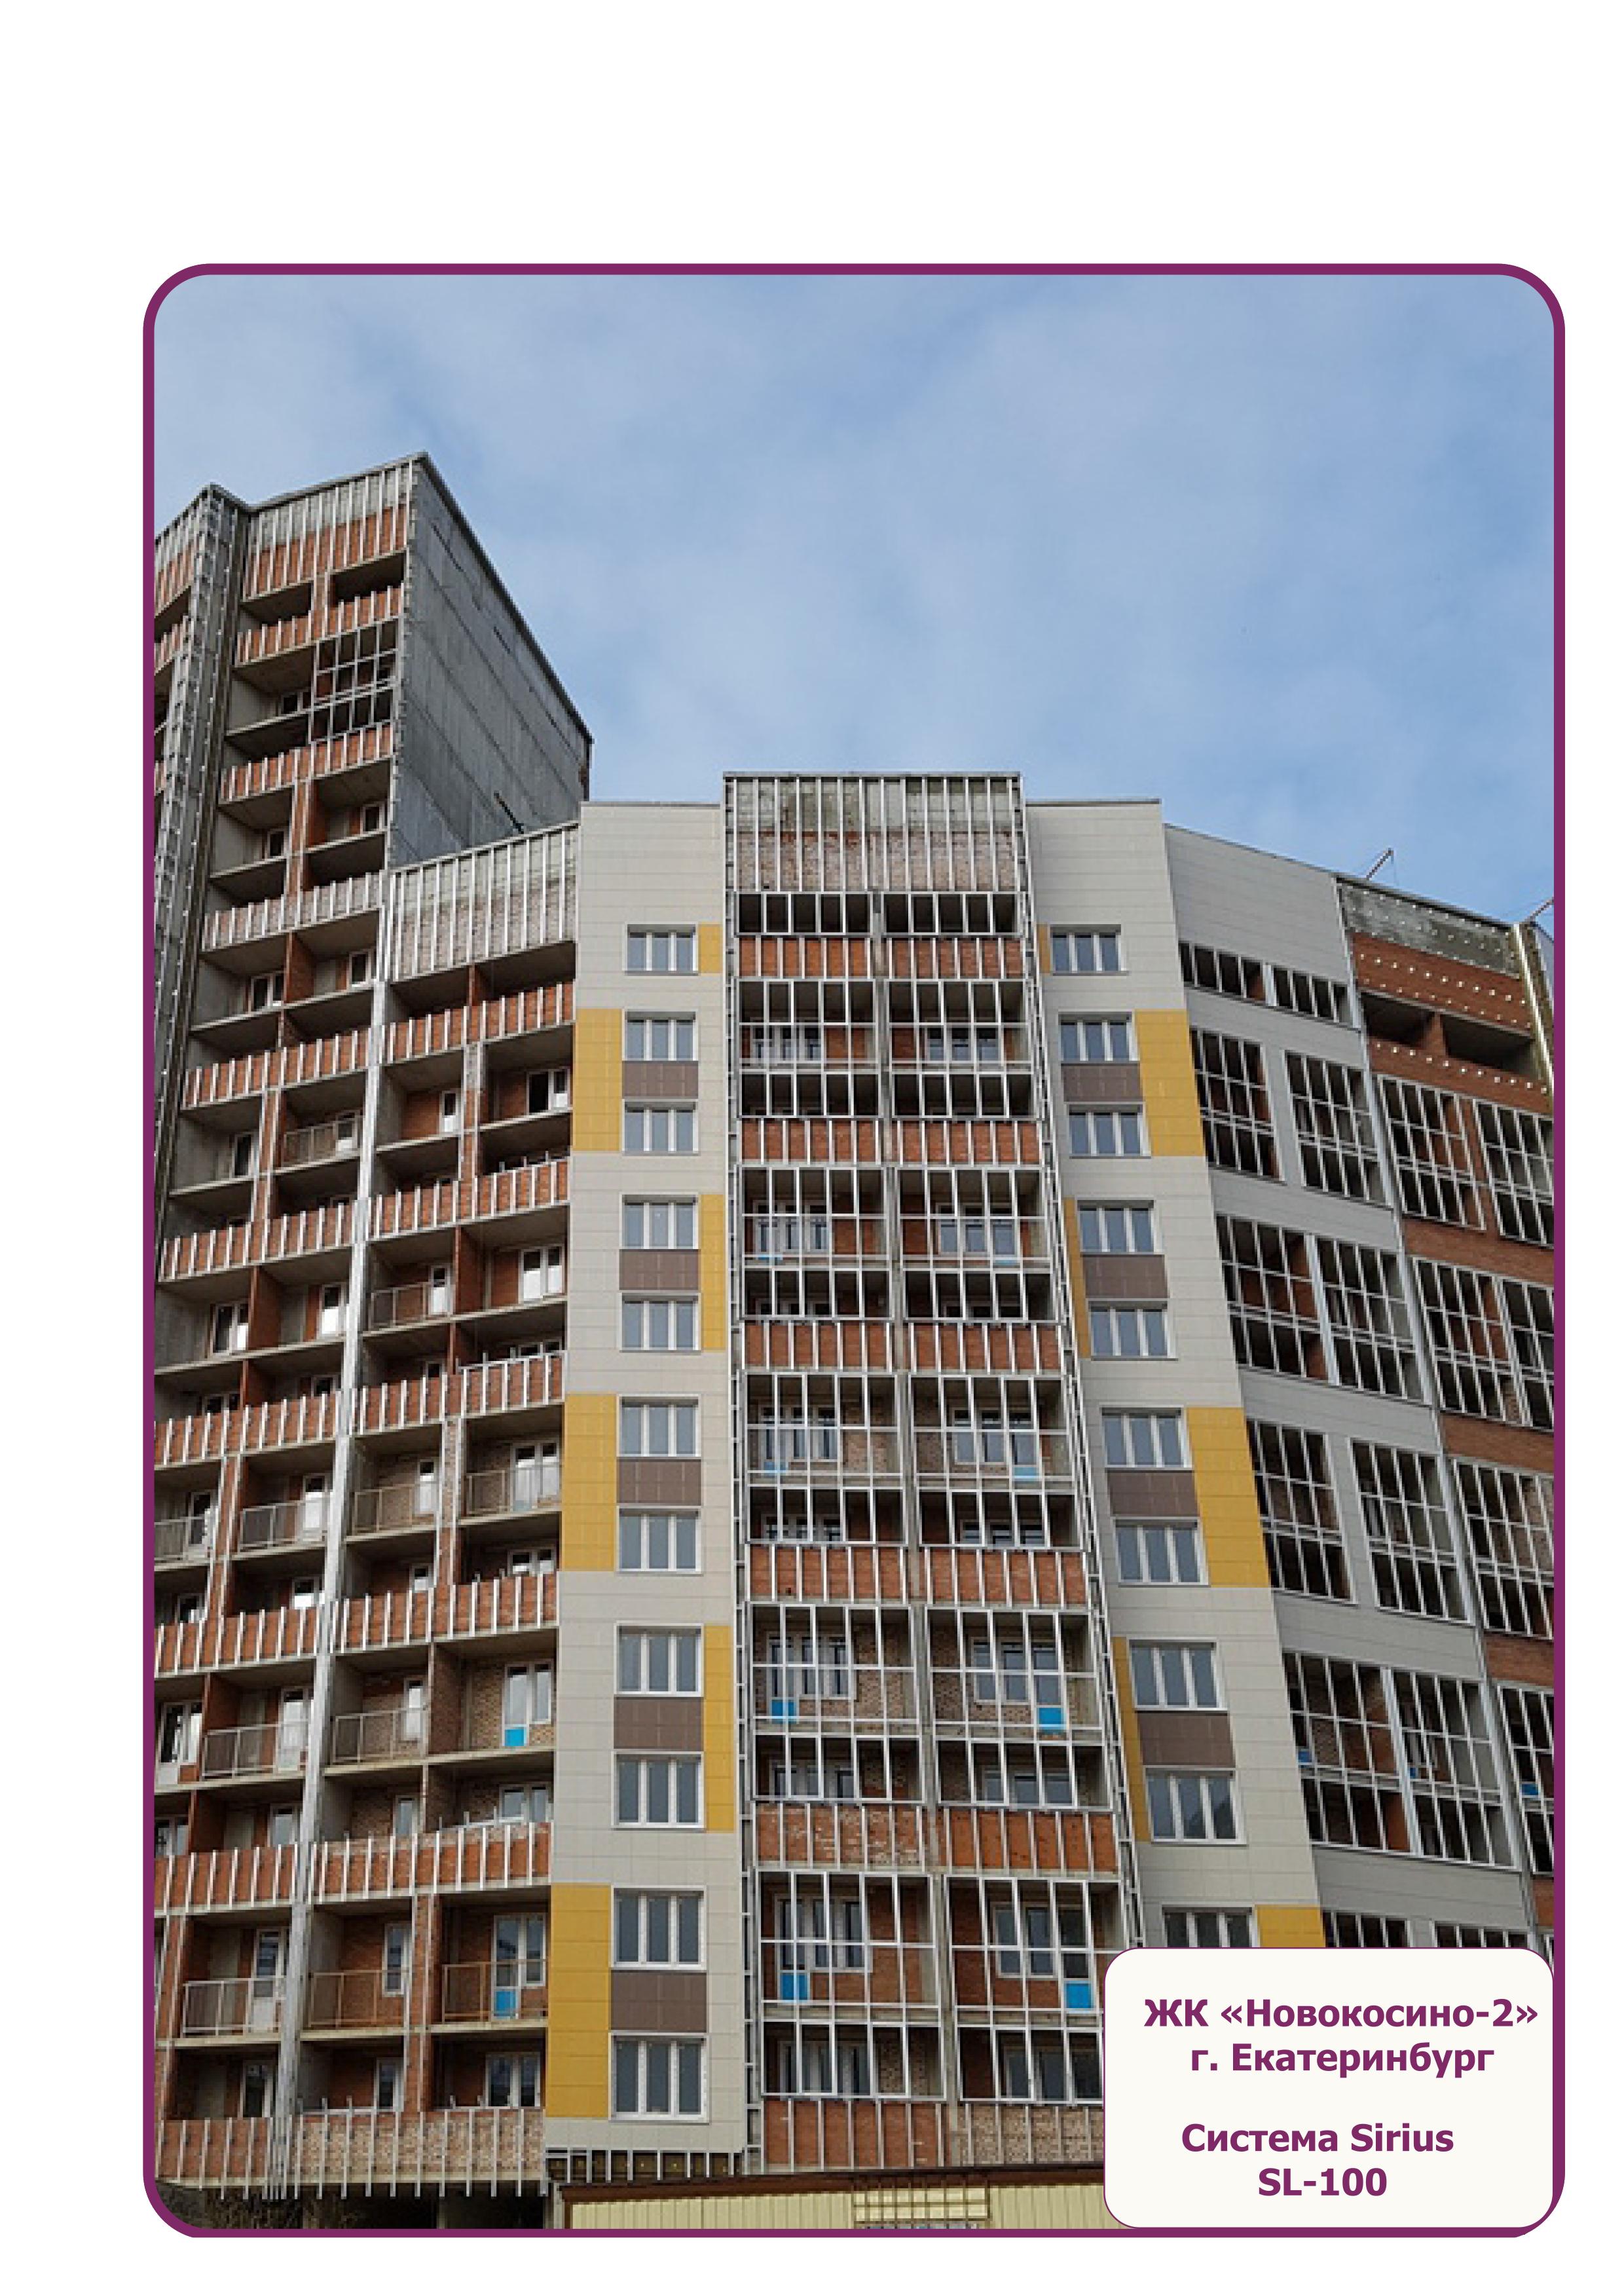 ЖК Новокосино-2 г.Москва  Фасад объекта облицован на алюминиевой подсистеме SIRIUS SL-100 - керамогранитная плитка, классический Т-профиль